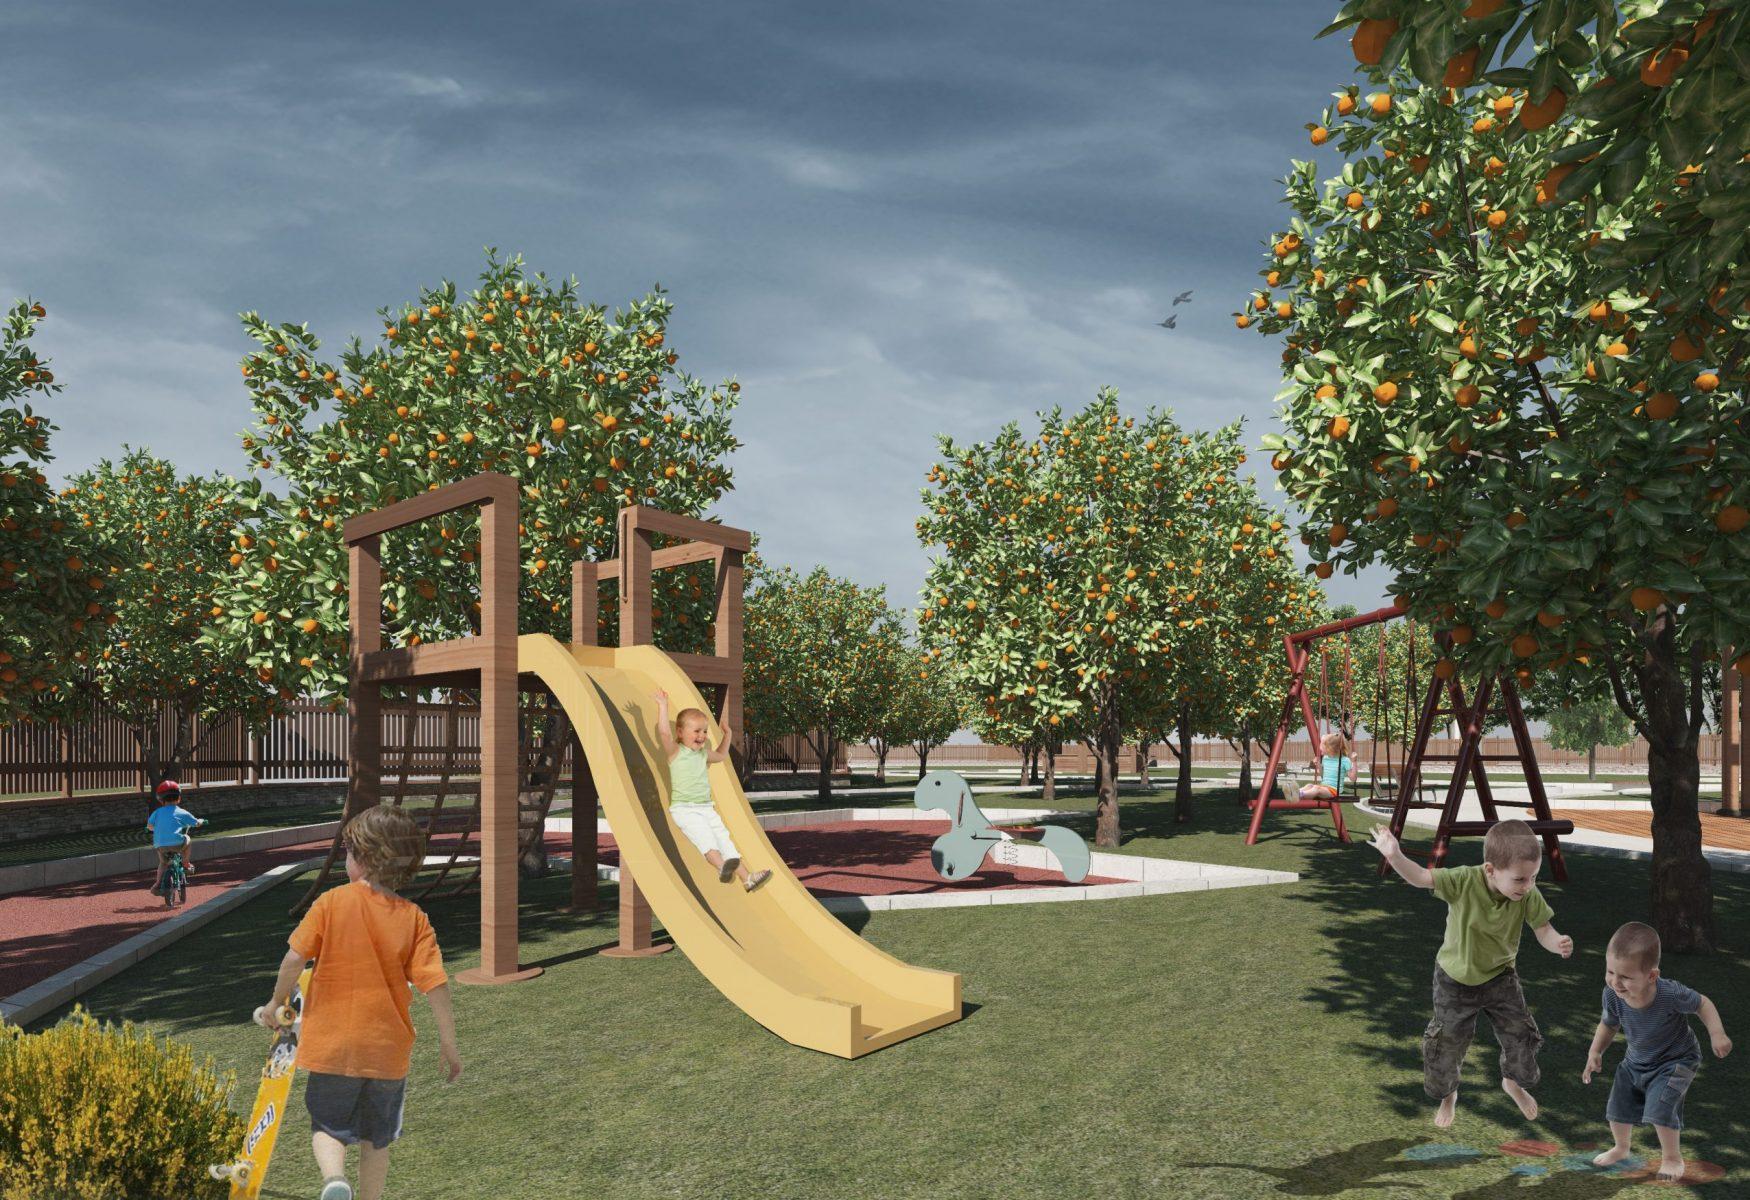 milara-srl-gruppo-postiglione-societa-di-costruzioni-e-vendita-appartamenti-immobili-residenziali-commerciali-cr53-f4-torre-nuova-torrione-parco-verde-area-giochi-bambini